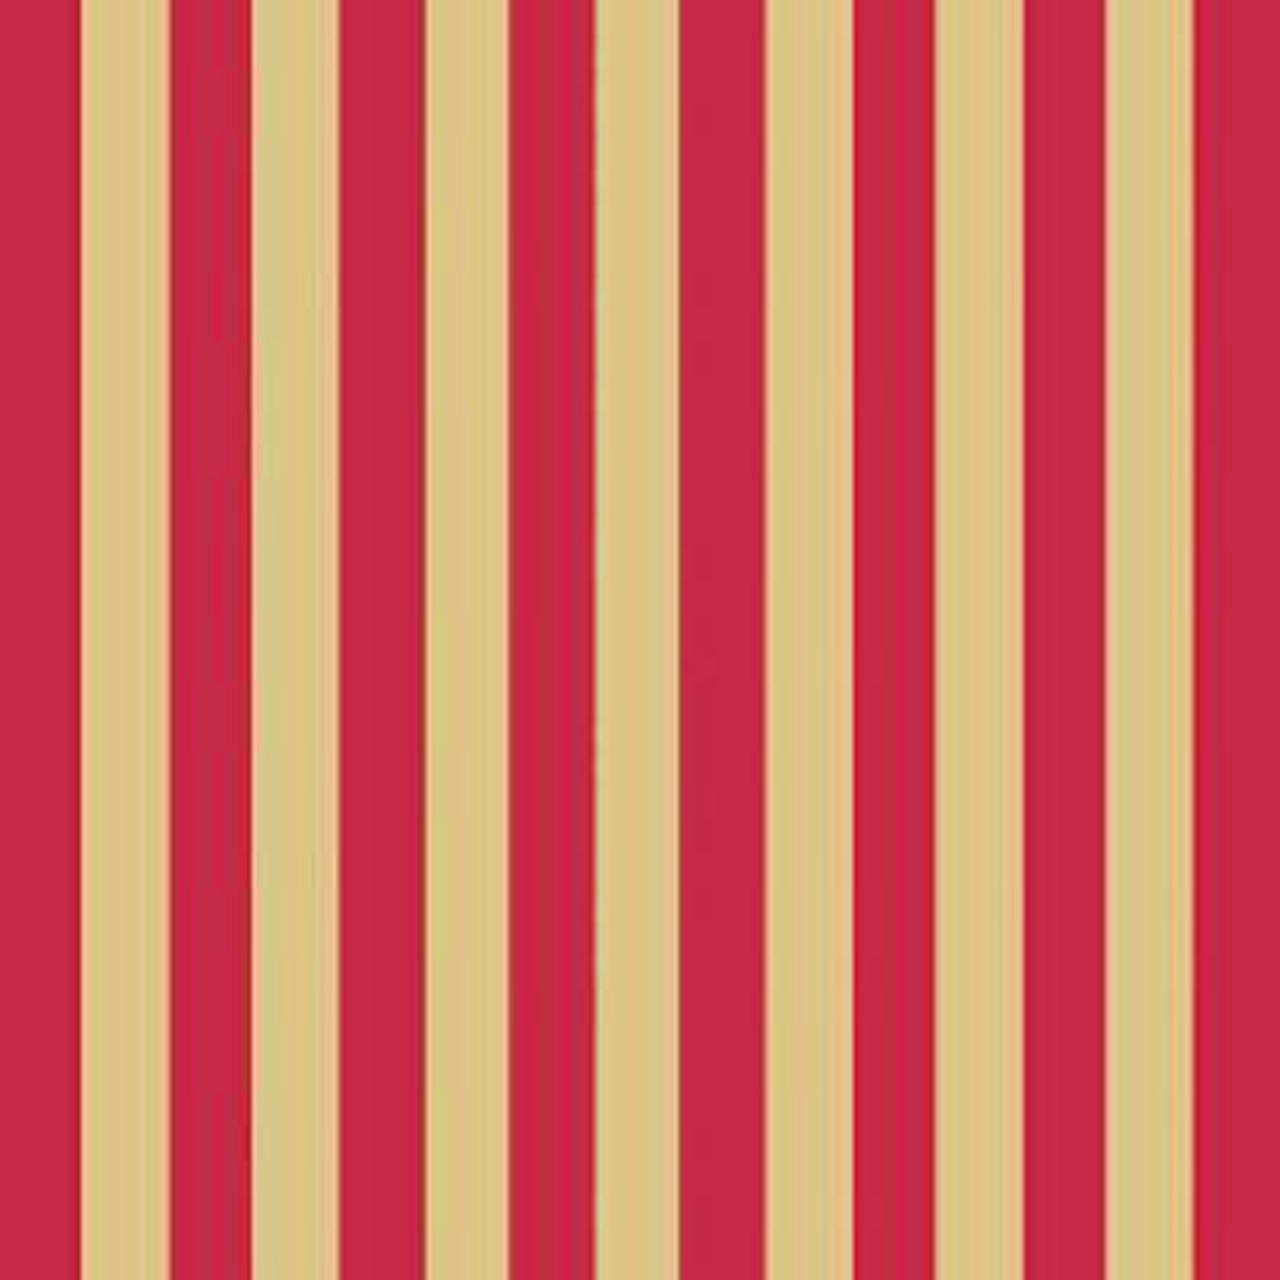 Servetele Decorative Din Hartie Cu Dungi Aurii Si Rosii 33 Cm